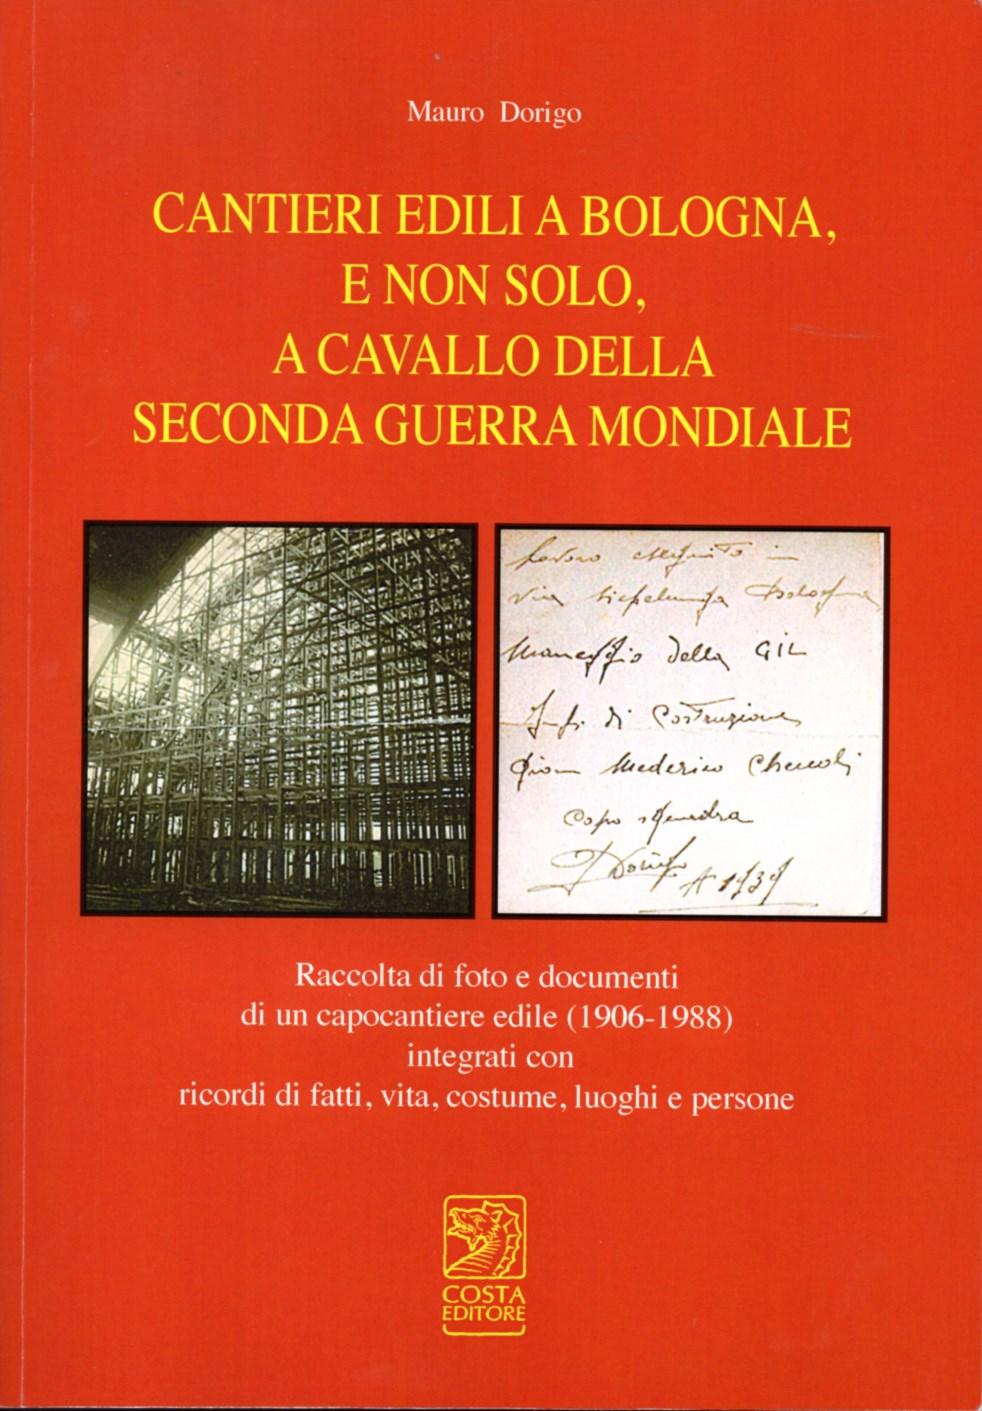 Cantieri edili a Bologna, e non solo, a cavallo della seconda guerra mondiale